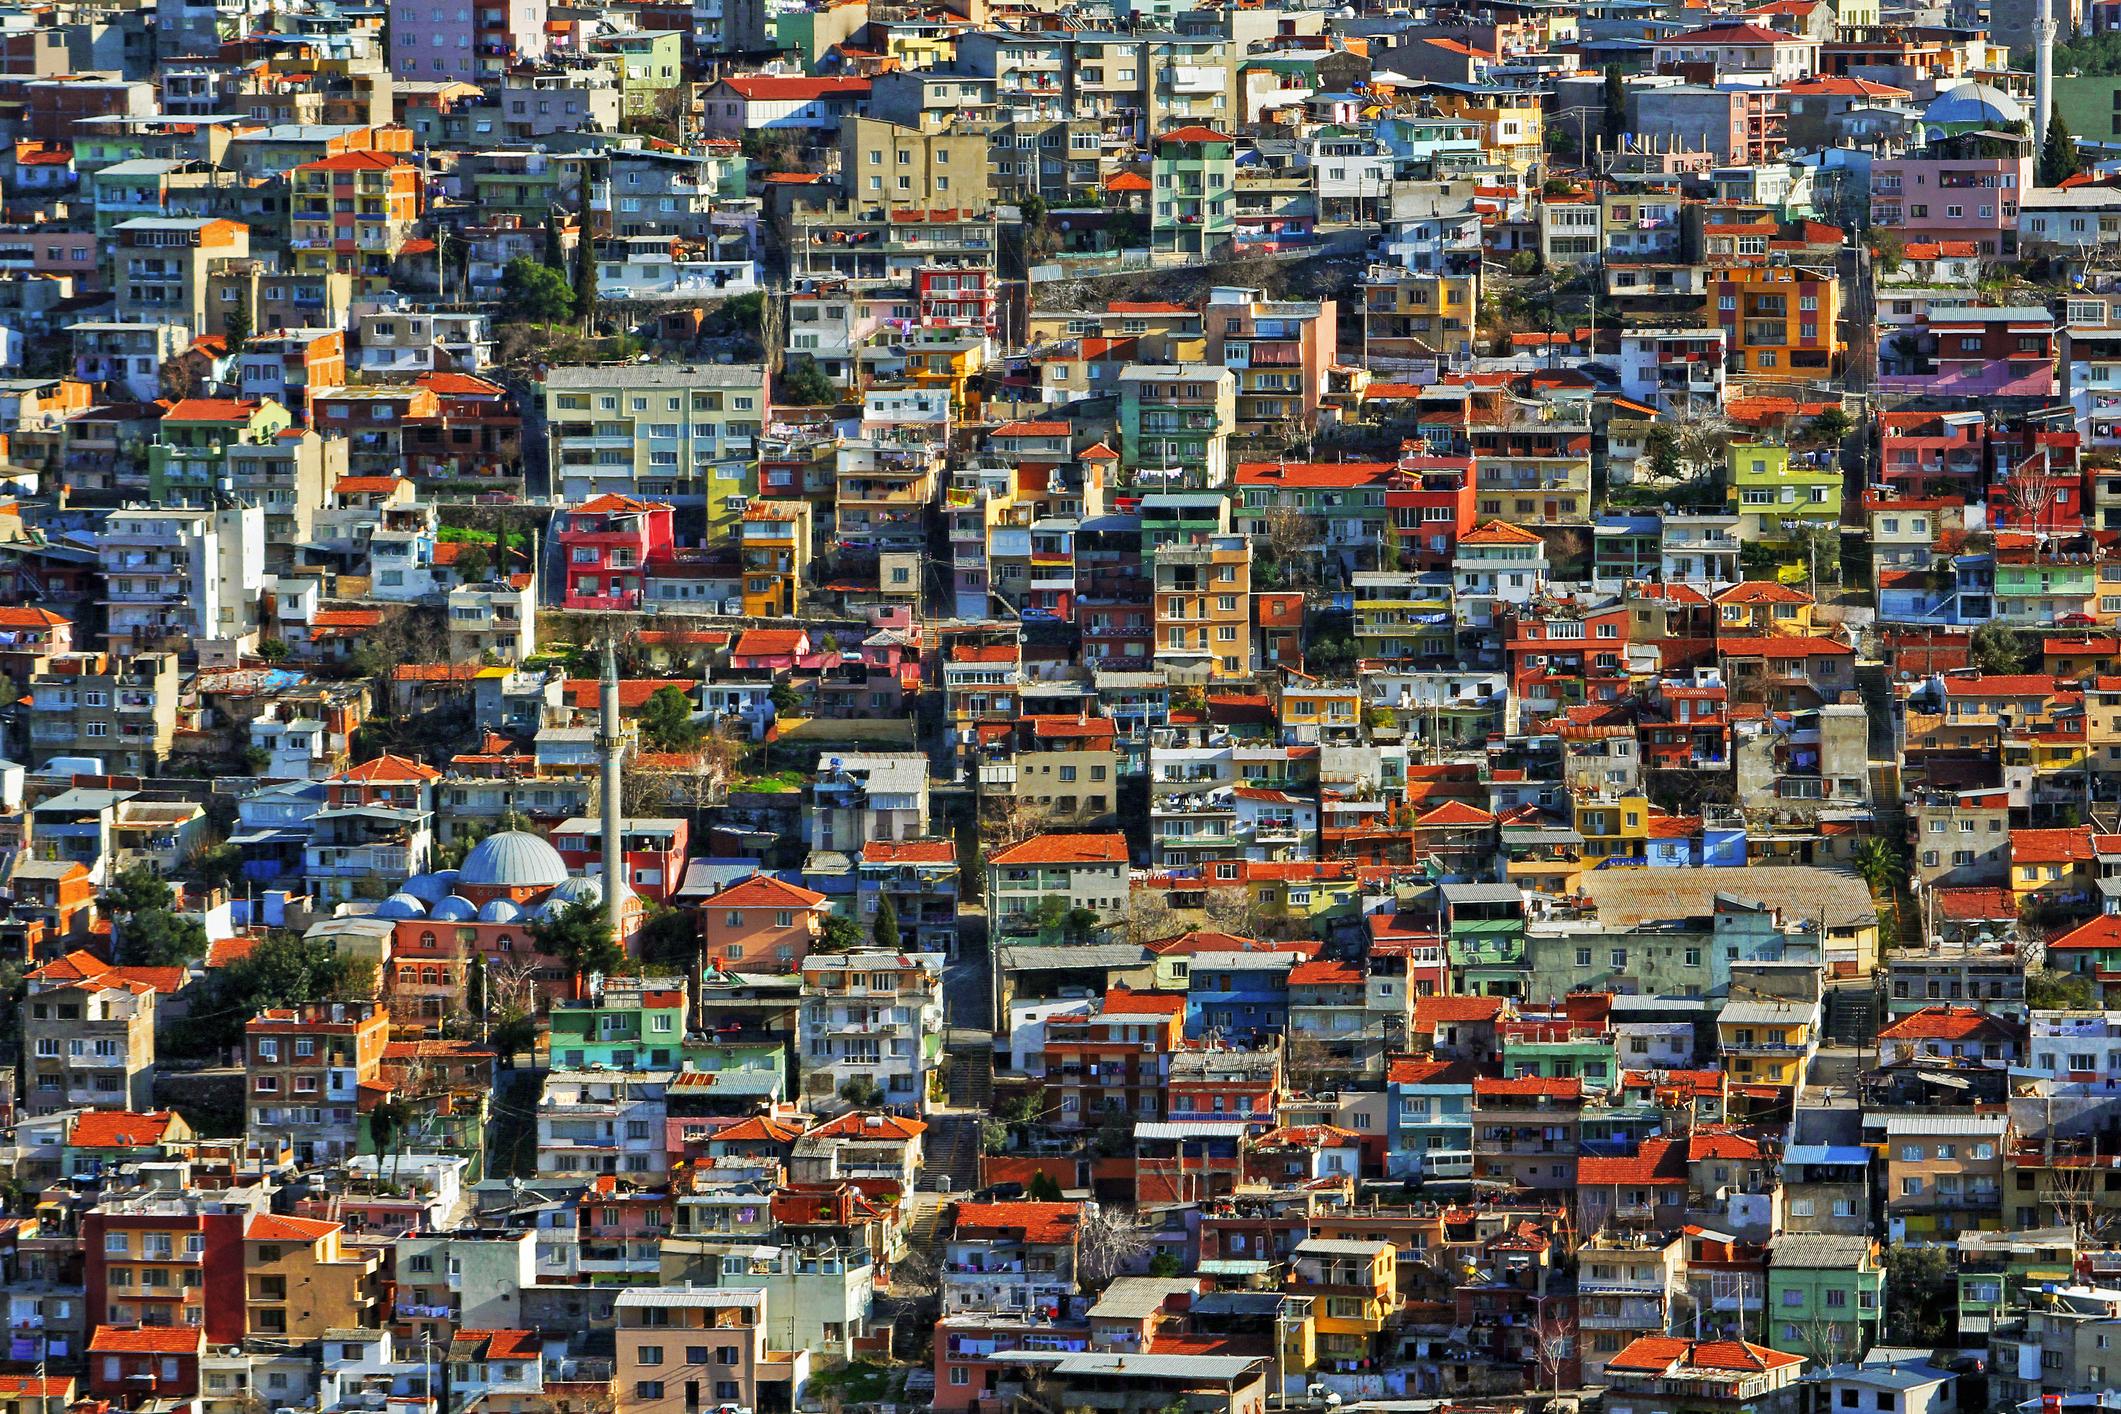 Измир е един вид обратен модел на Турция на Ердоган - поне така представят нещата жителите на града, които се самоопределят като много по-модерни и отворени към света.